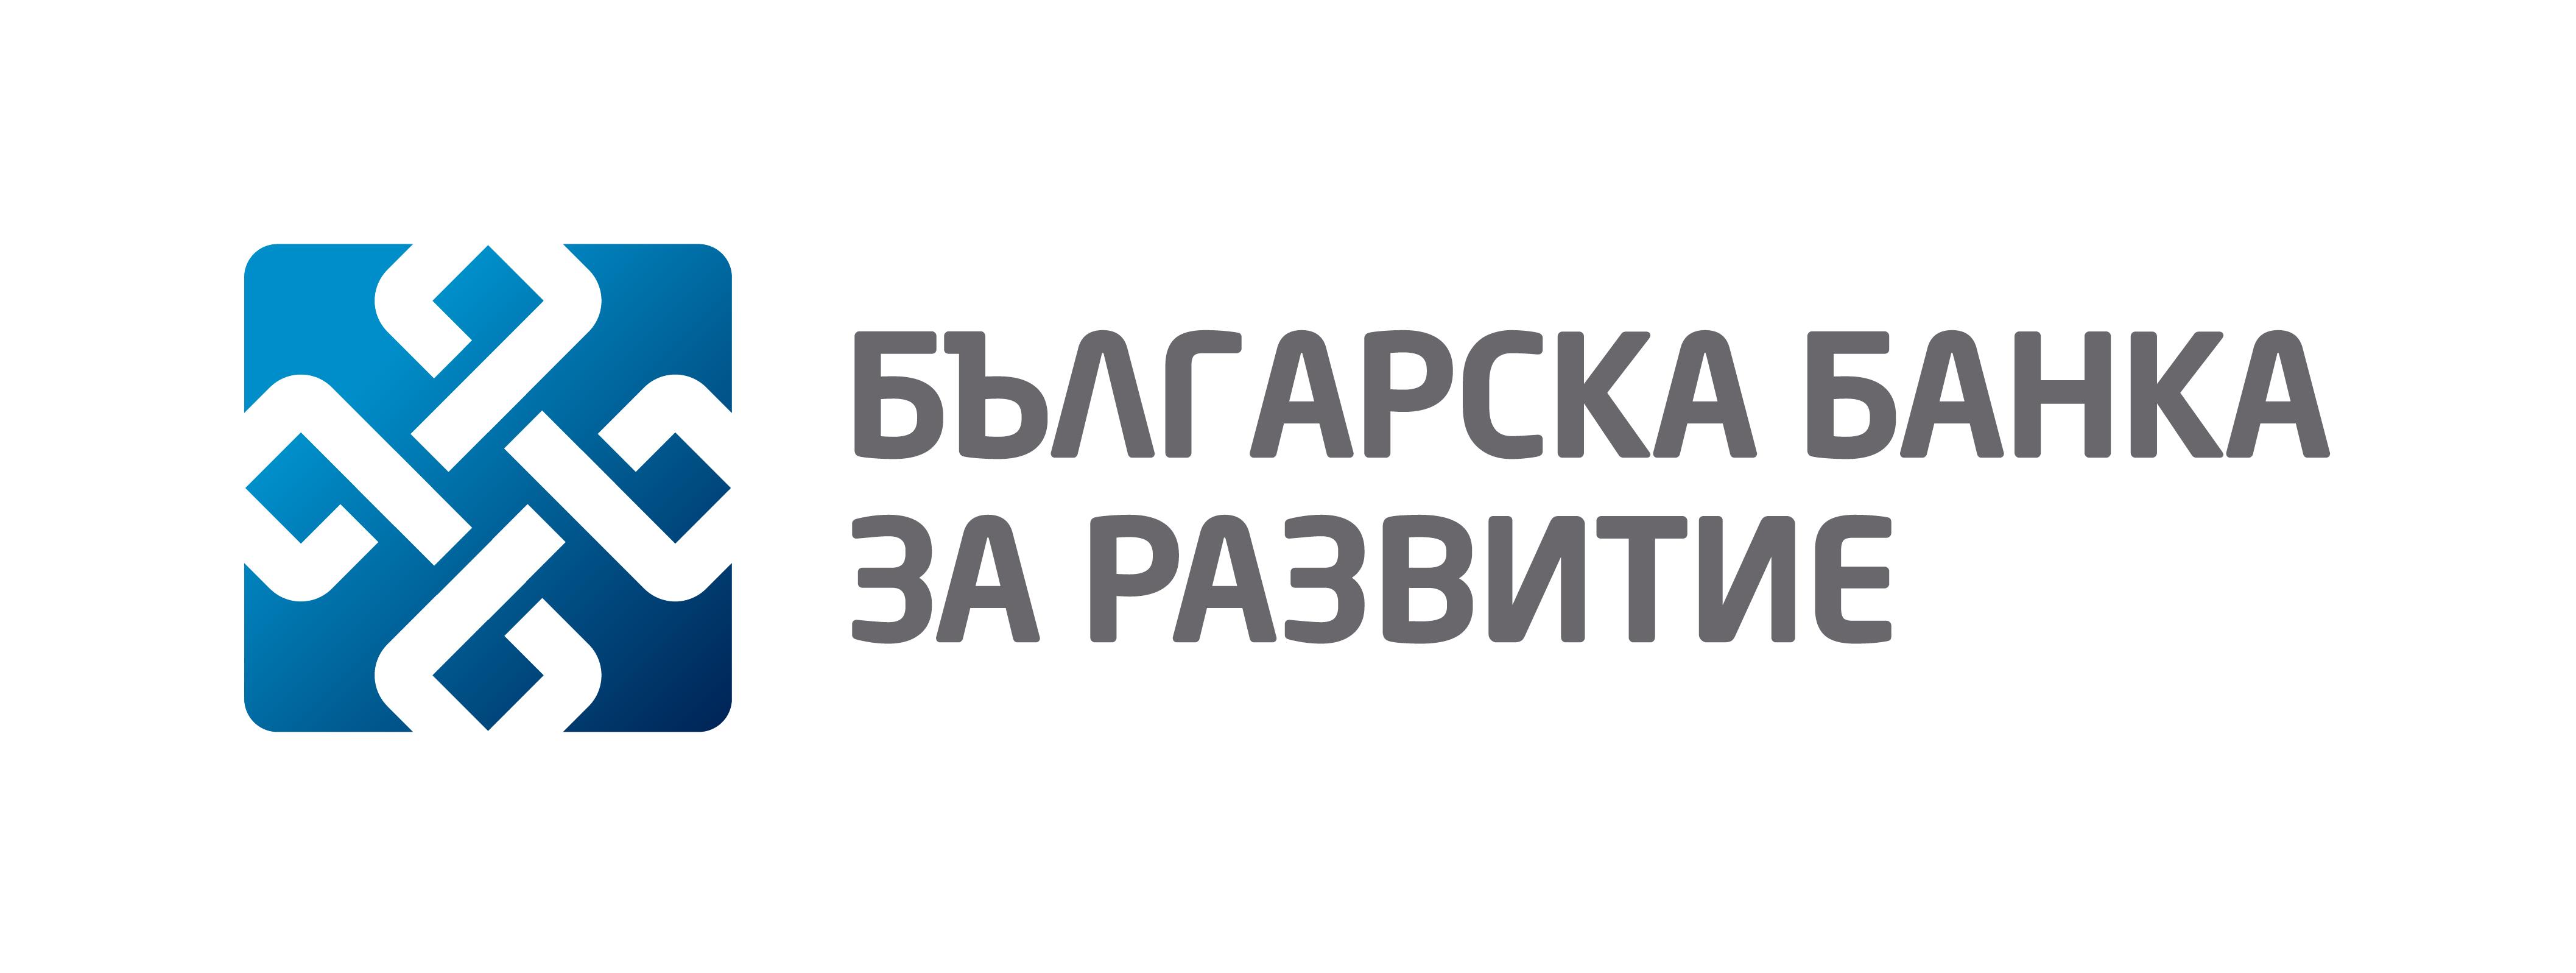 Българска банка за развитие